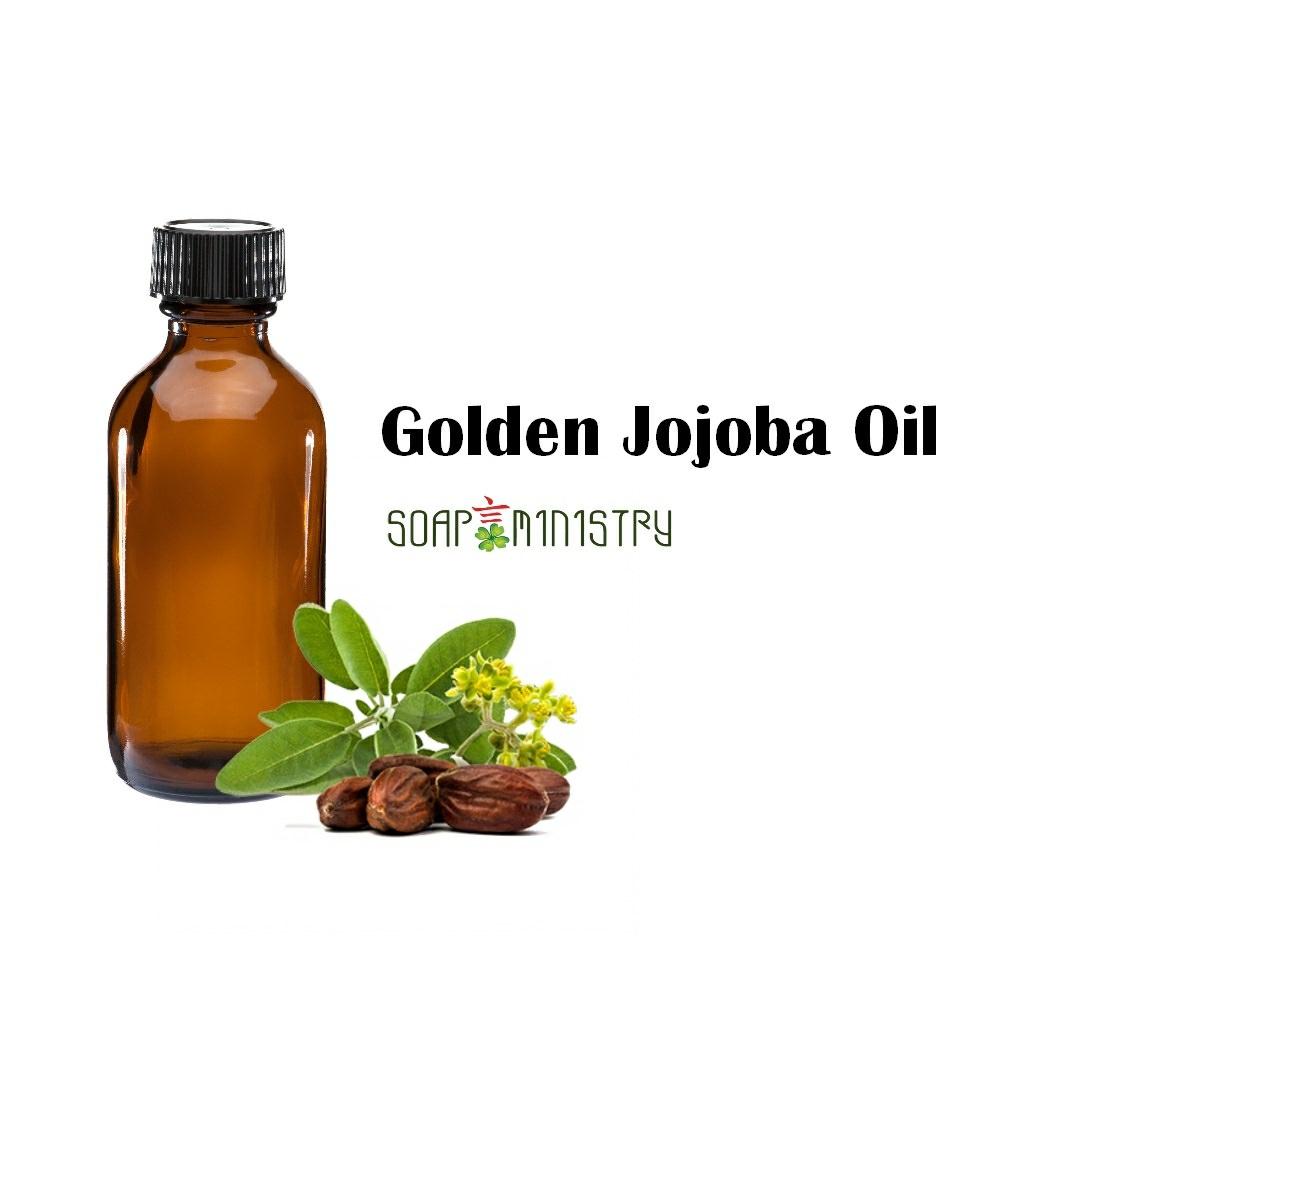 Golden Jojoba Oil 1L